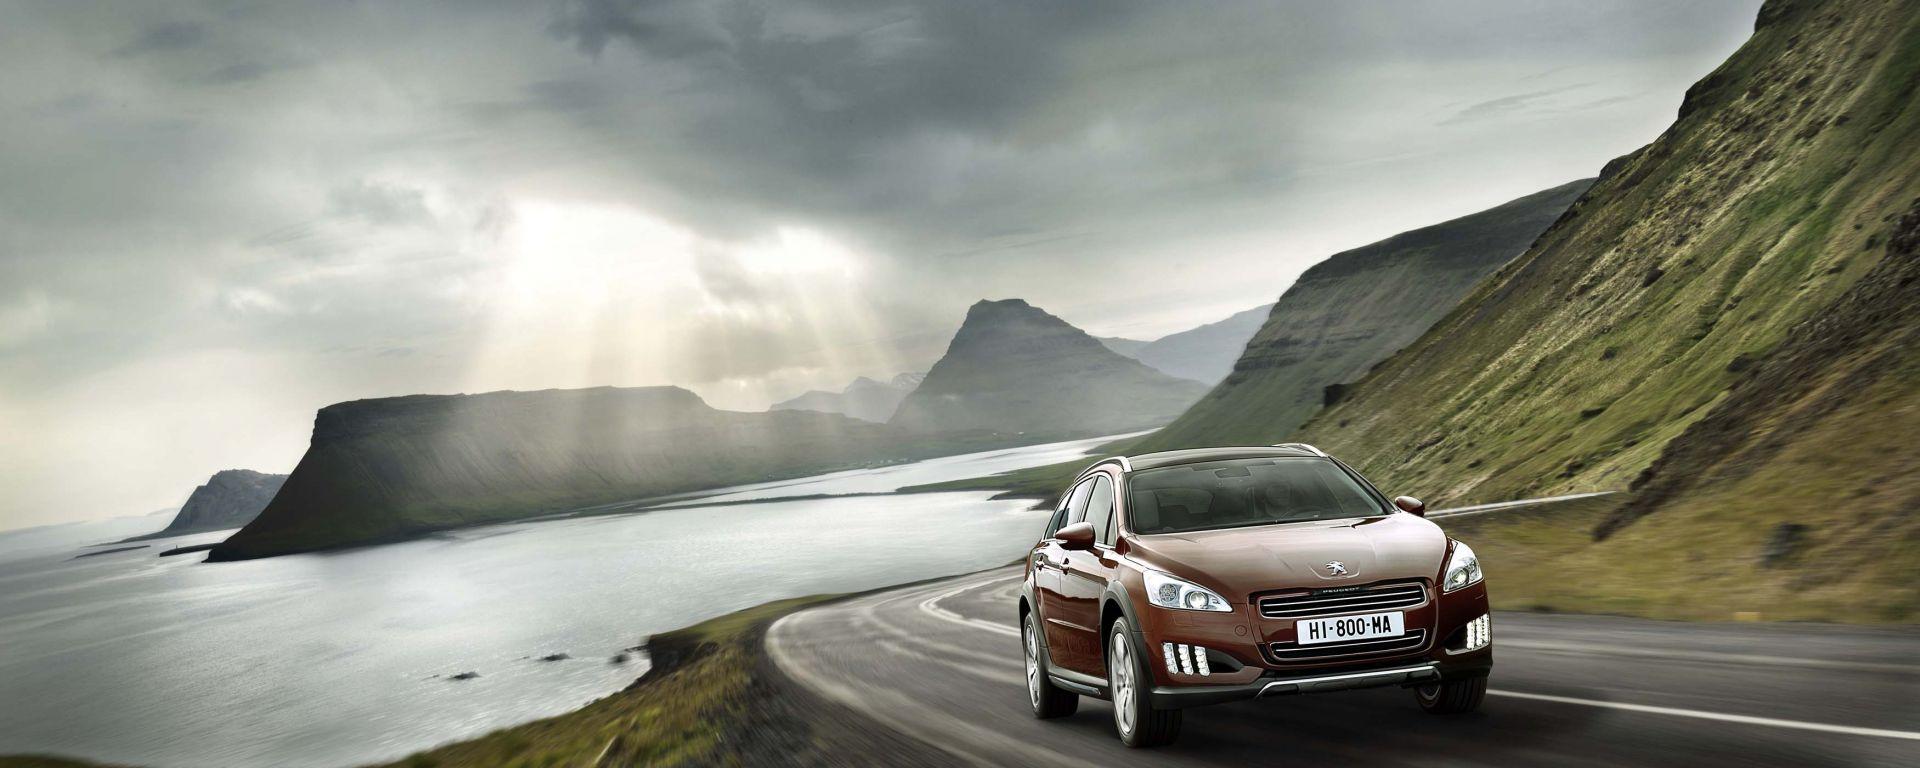 Peugeot 508 RXH: le nuove foto